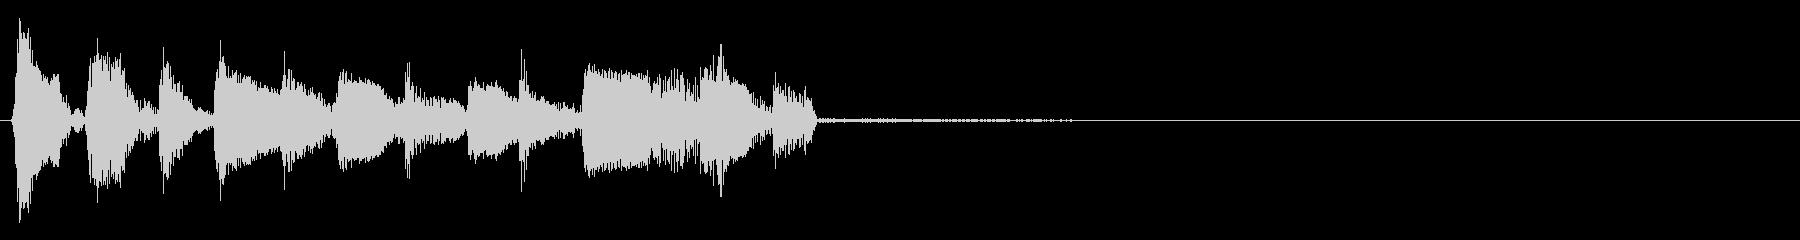 エレキギター:スプリンクルダウン、...の未再生の波形